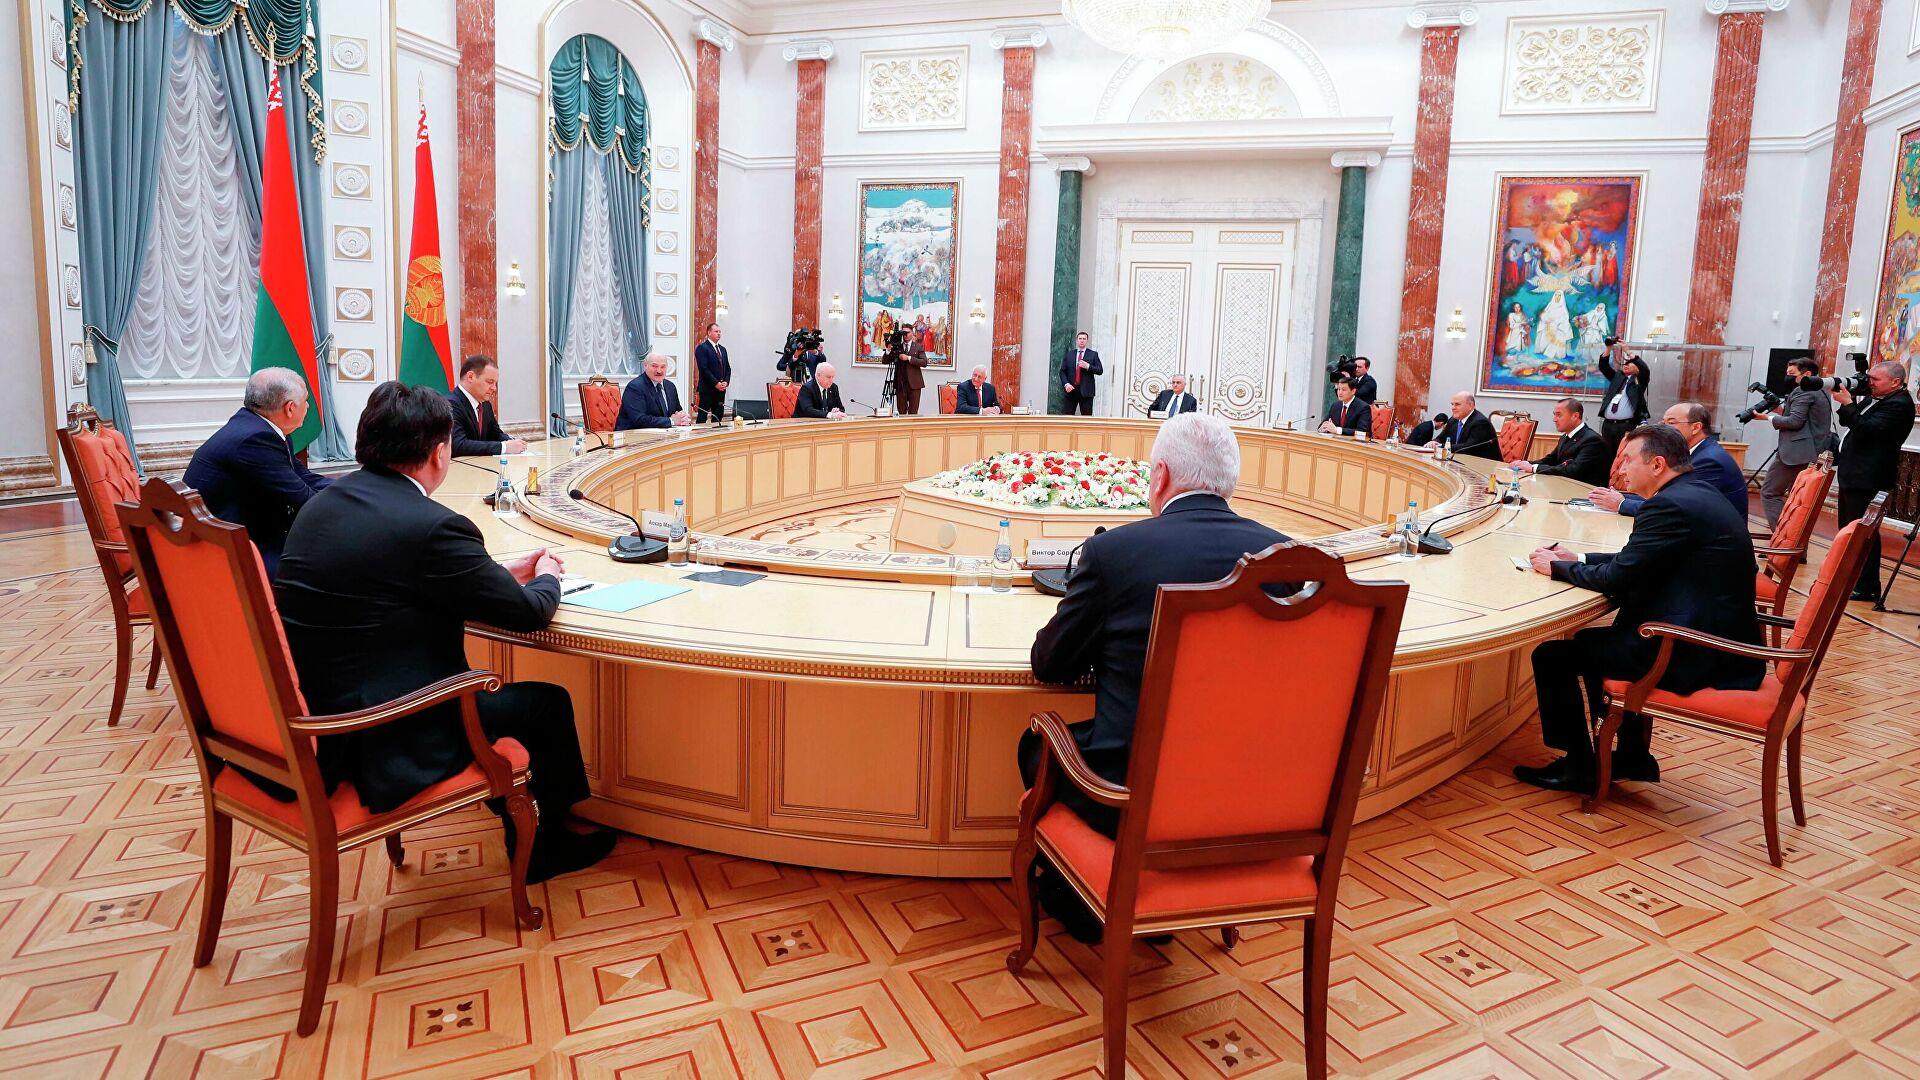 Любая попытка поглощения государства вызовет отпор, заявил Лукашенко